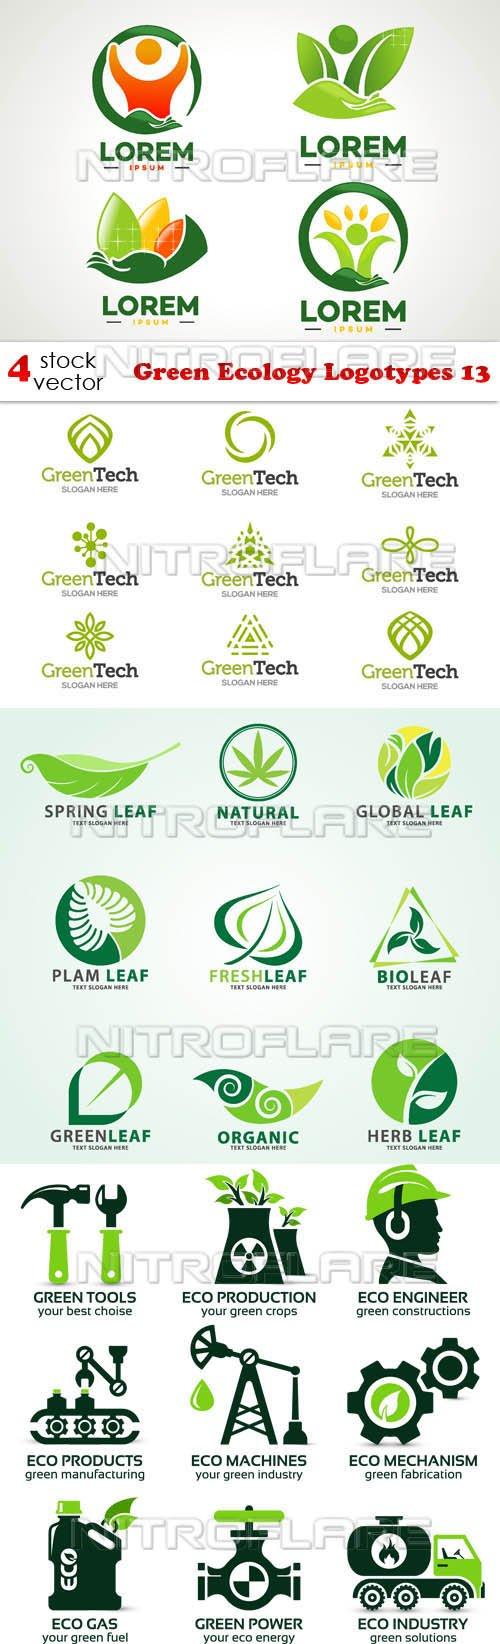 Vectors - Green Ecology Logotypes 13